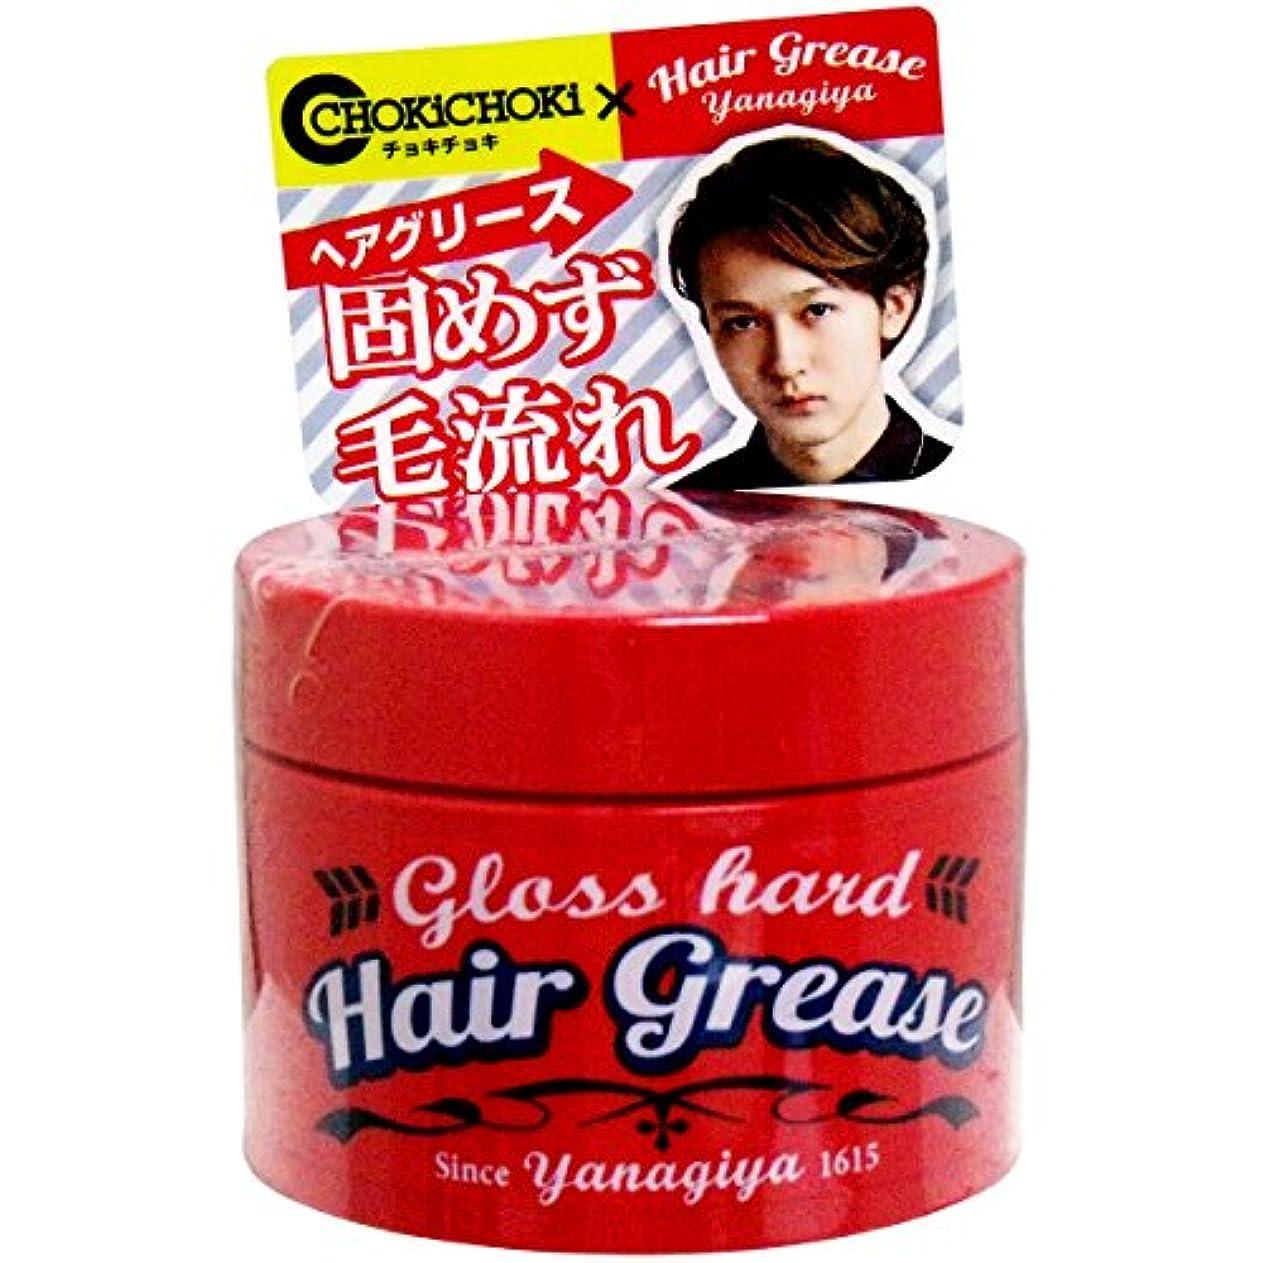 バス復活させるヒギンズヘアワックス 固めず毛流れ 使いやすい YANAGIYA ヘアグリース グロスハード 90g入【4個セット】